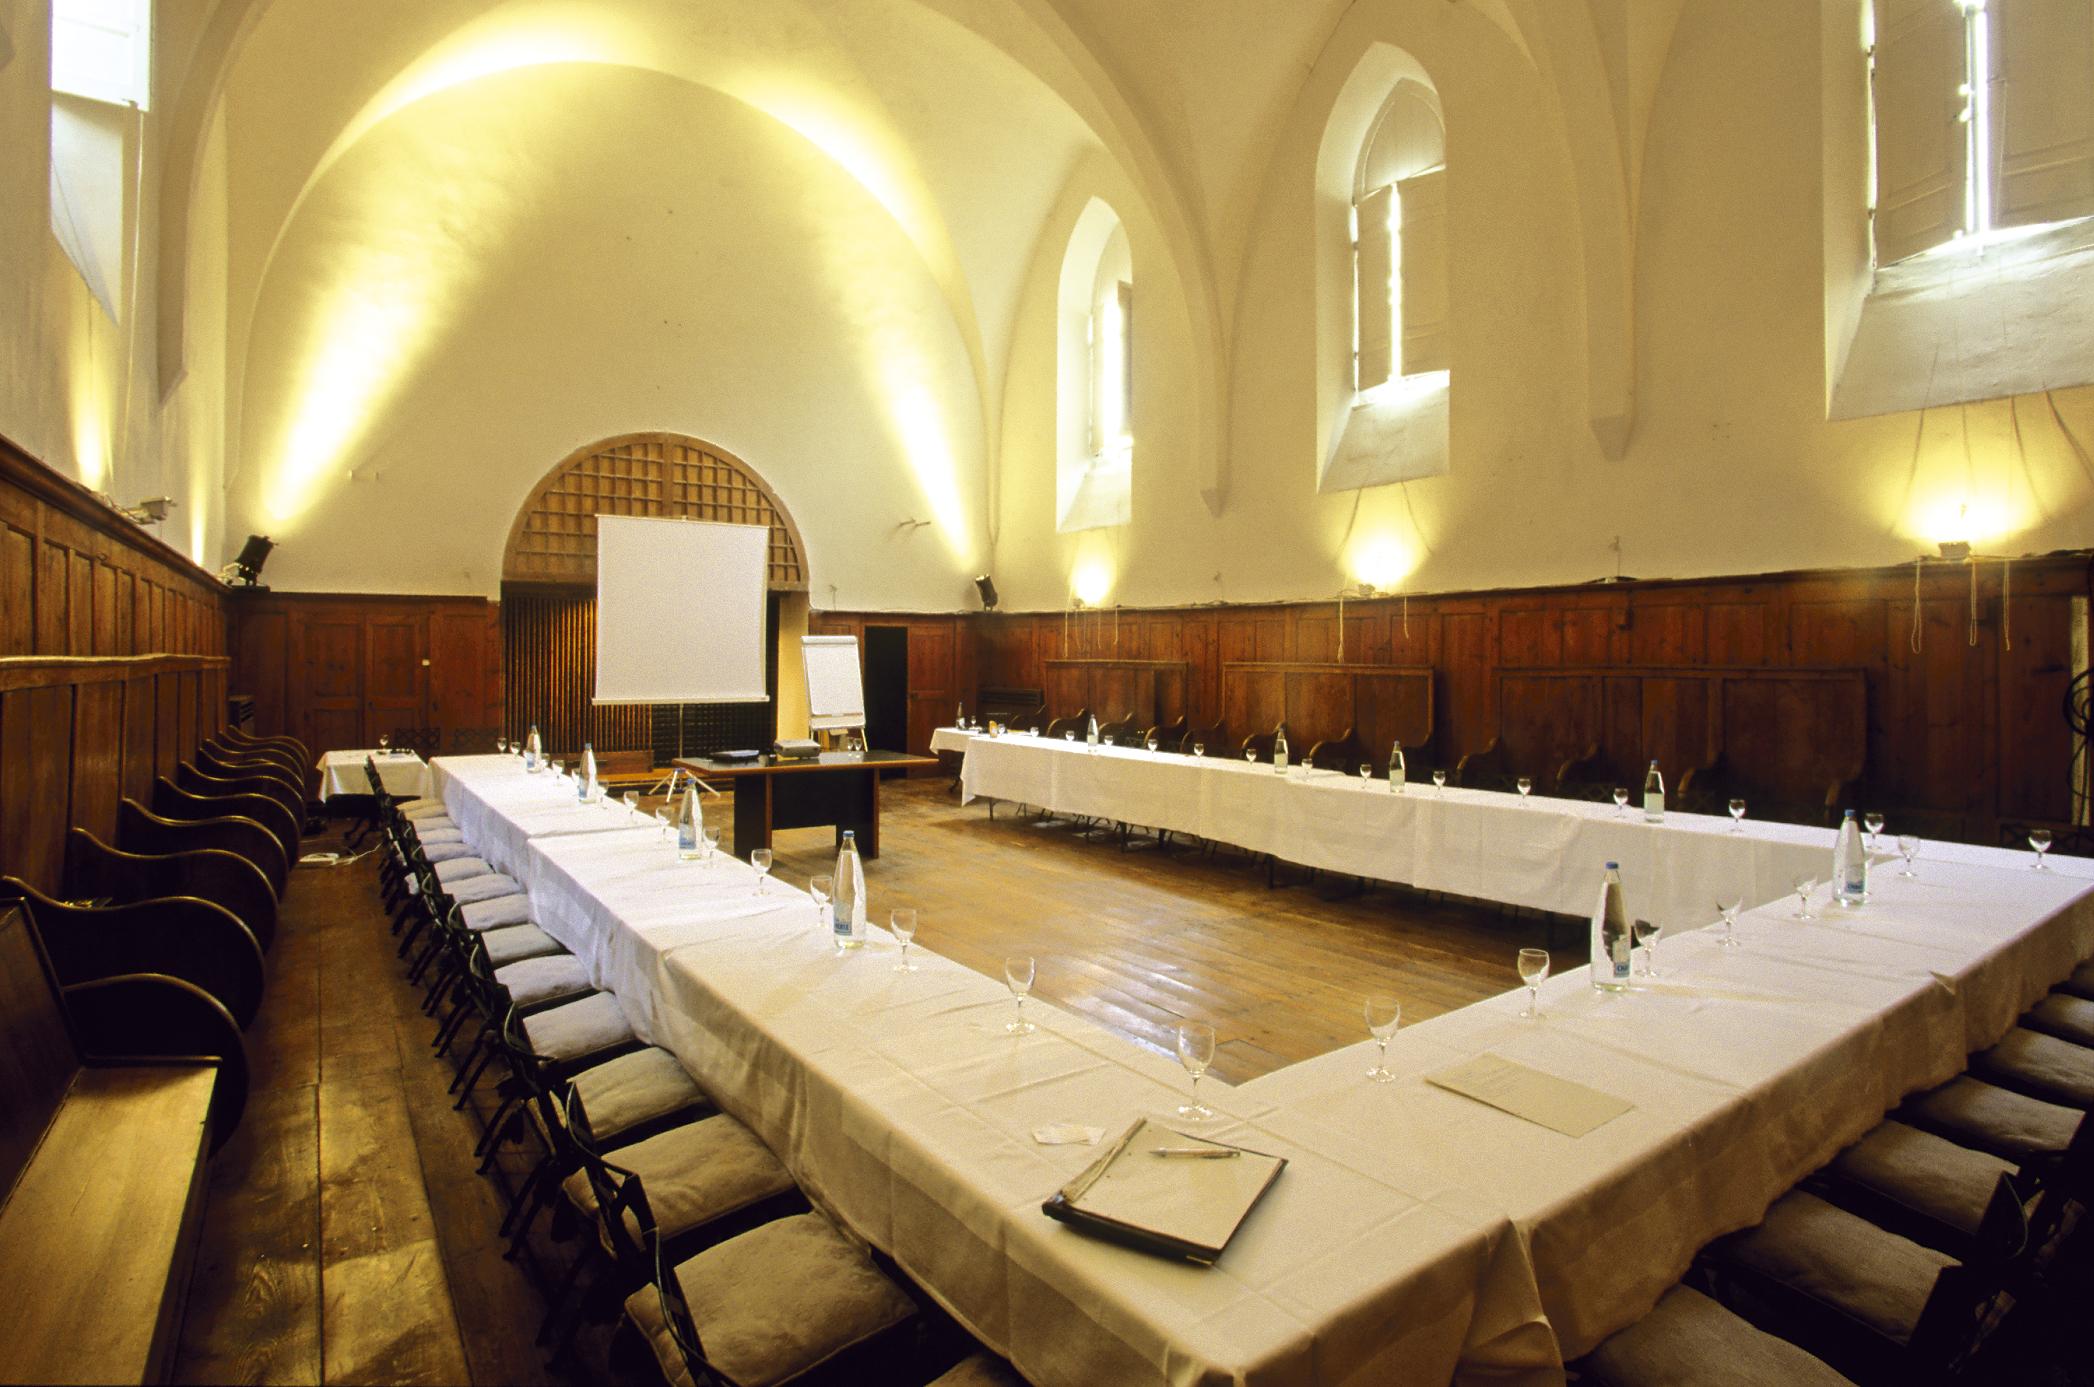 077735 salle de confŽrence Hotel restaurant le Carmel les vans Ardeche